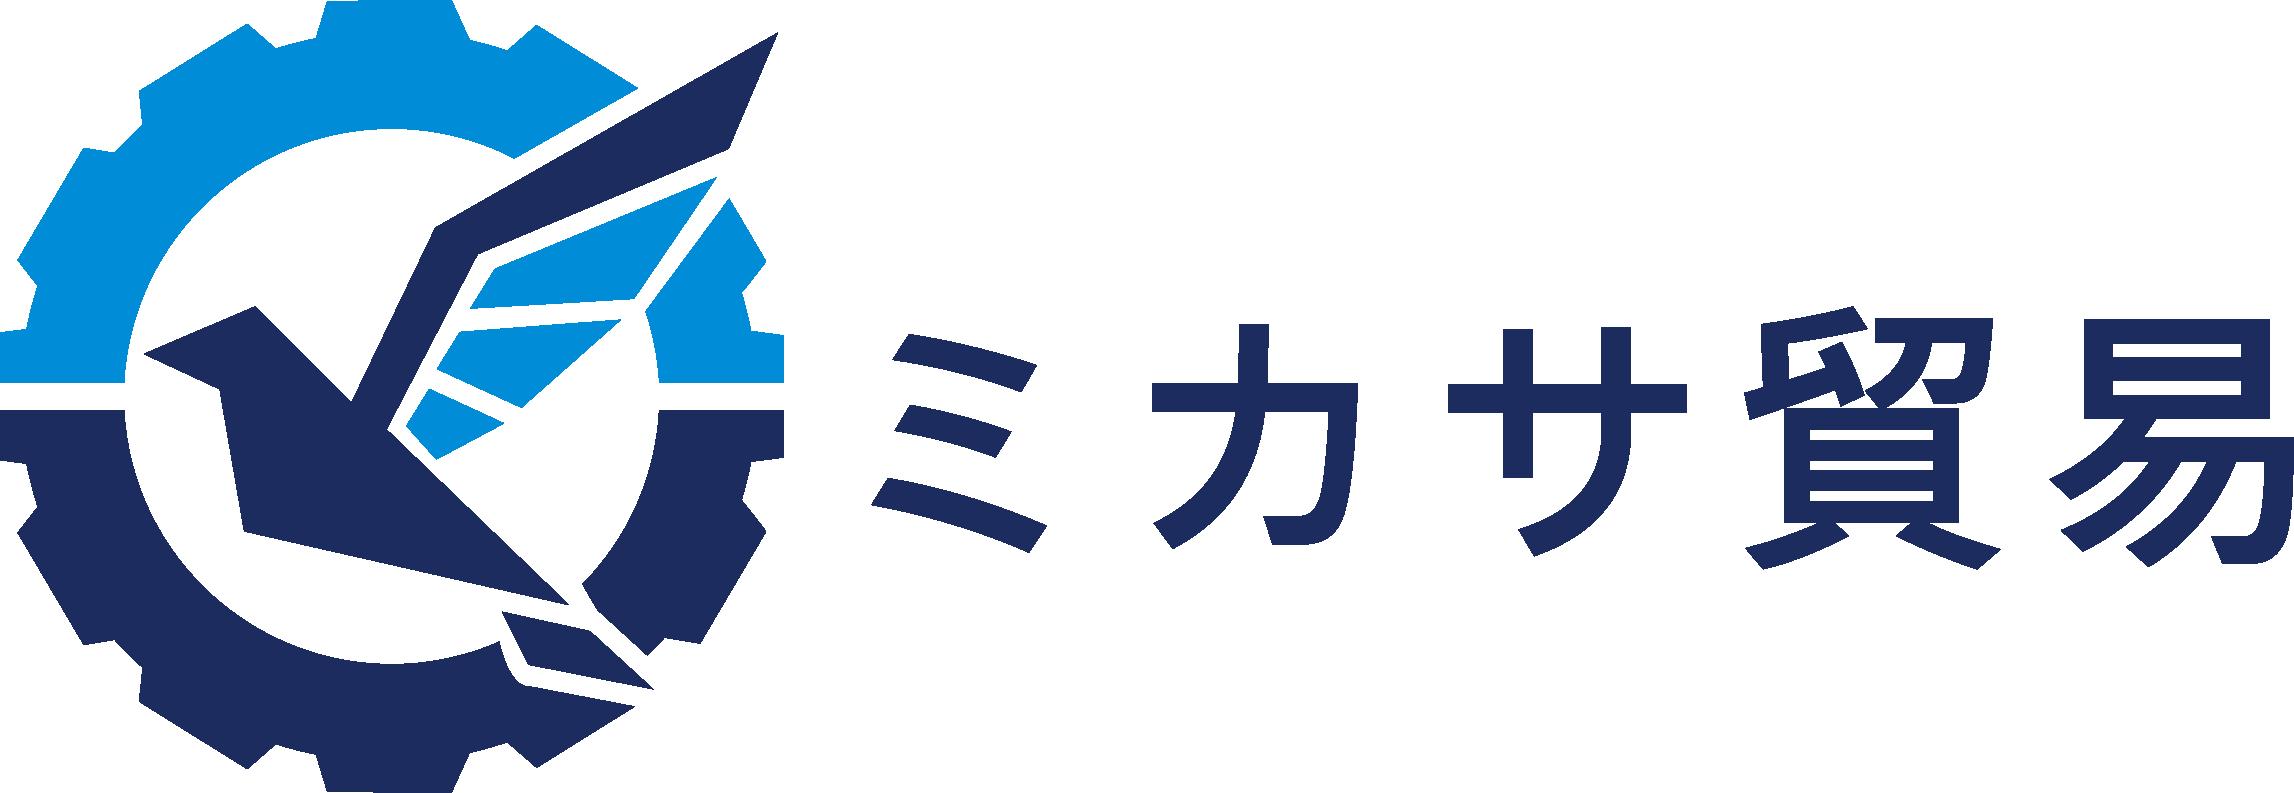 株式会社ミカサ貿易